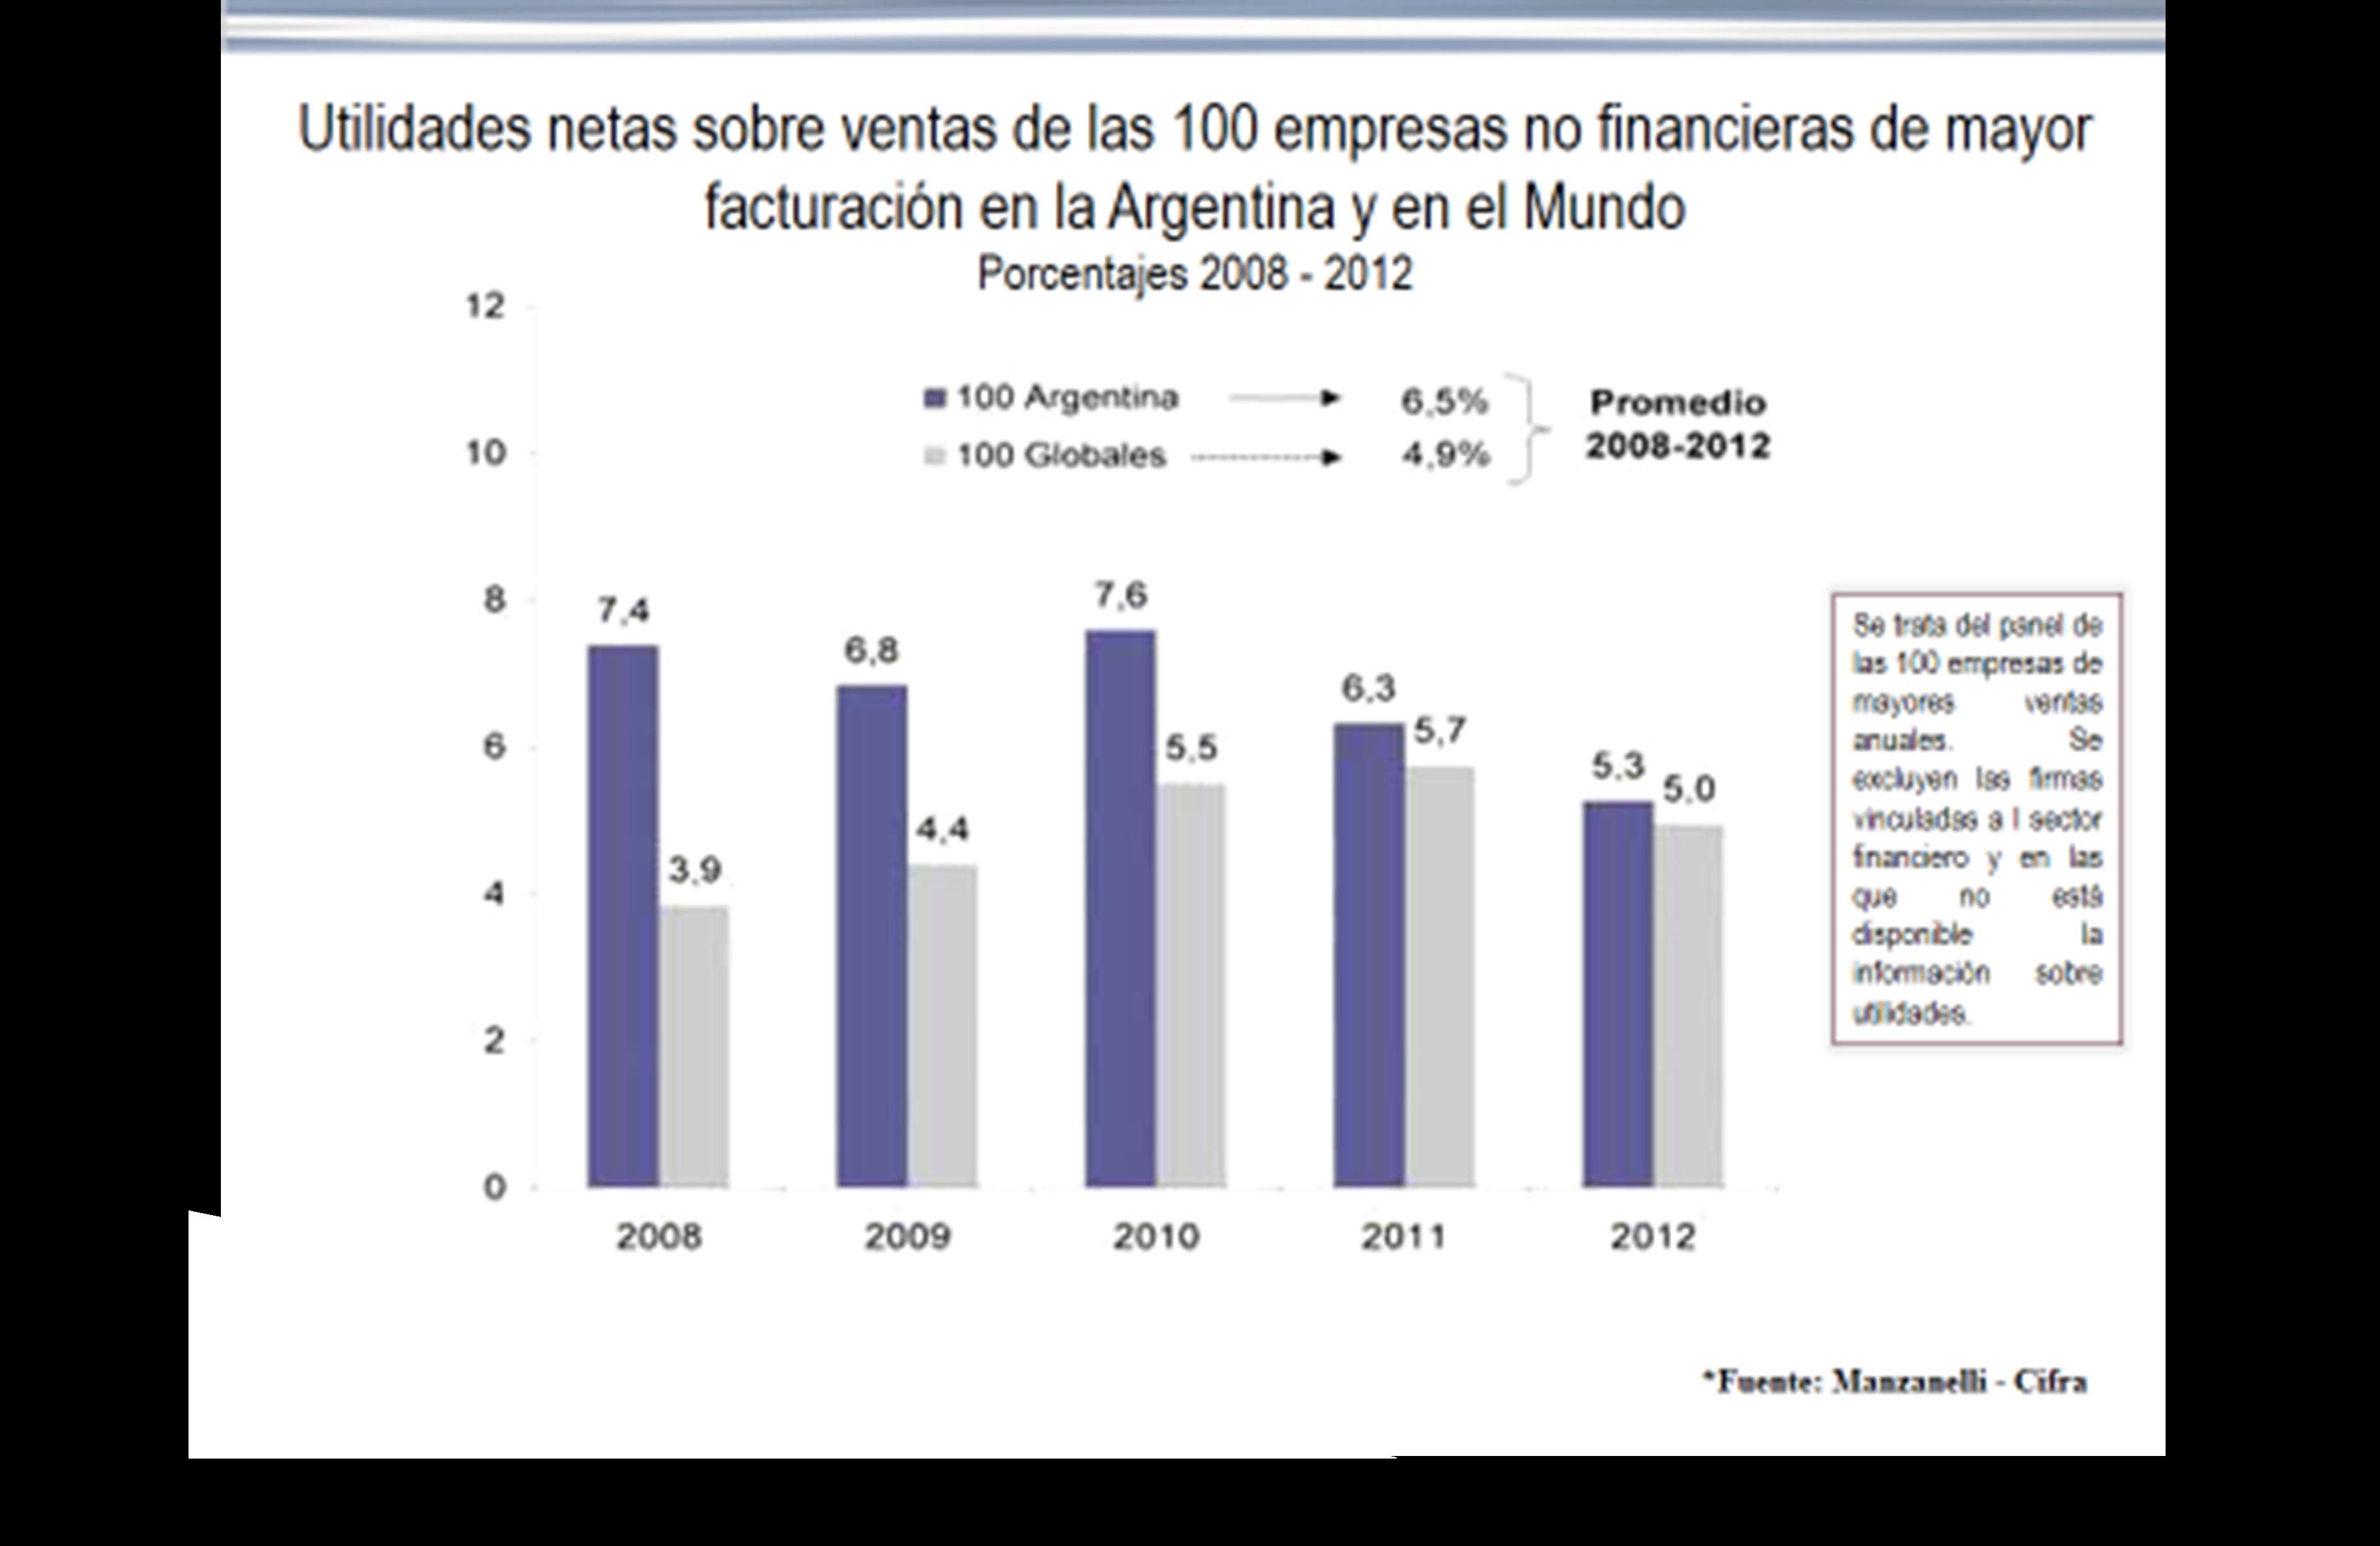 Gráfico n° 7: Utilidades netas 100             empresas no financieras